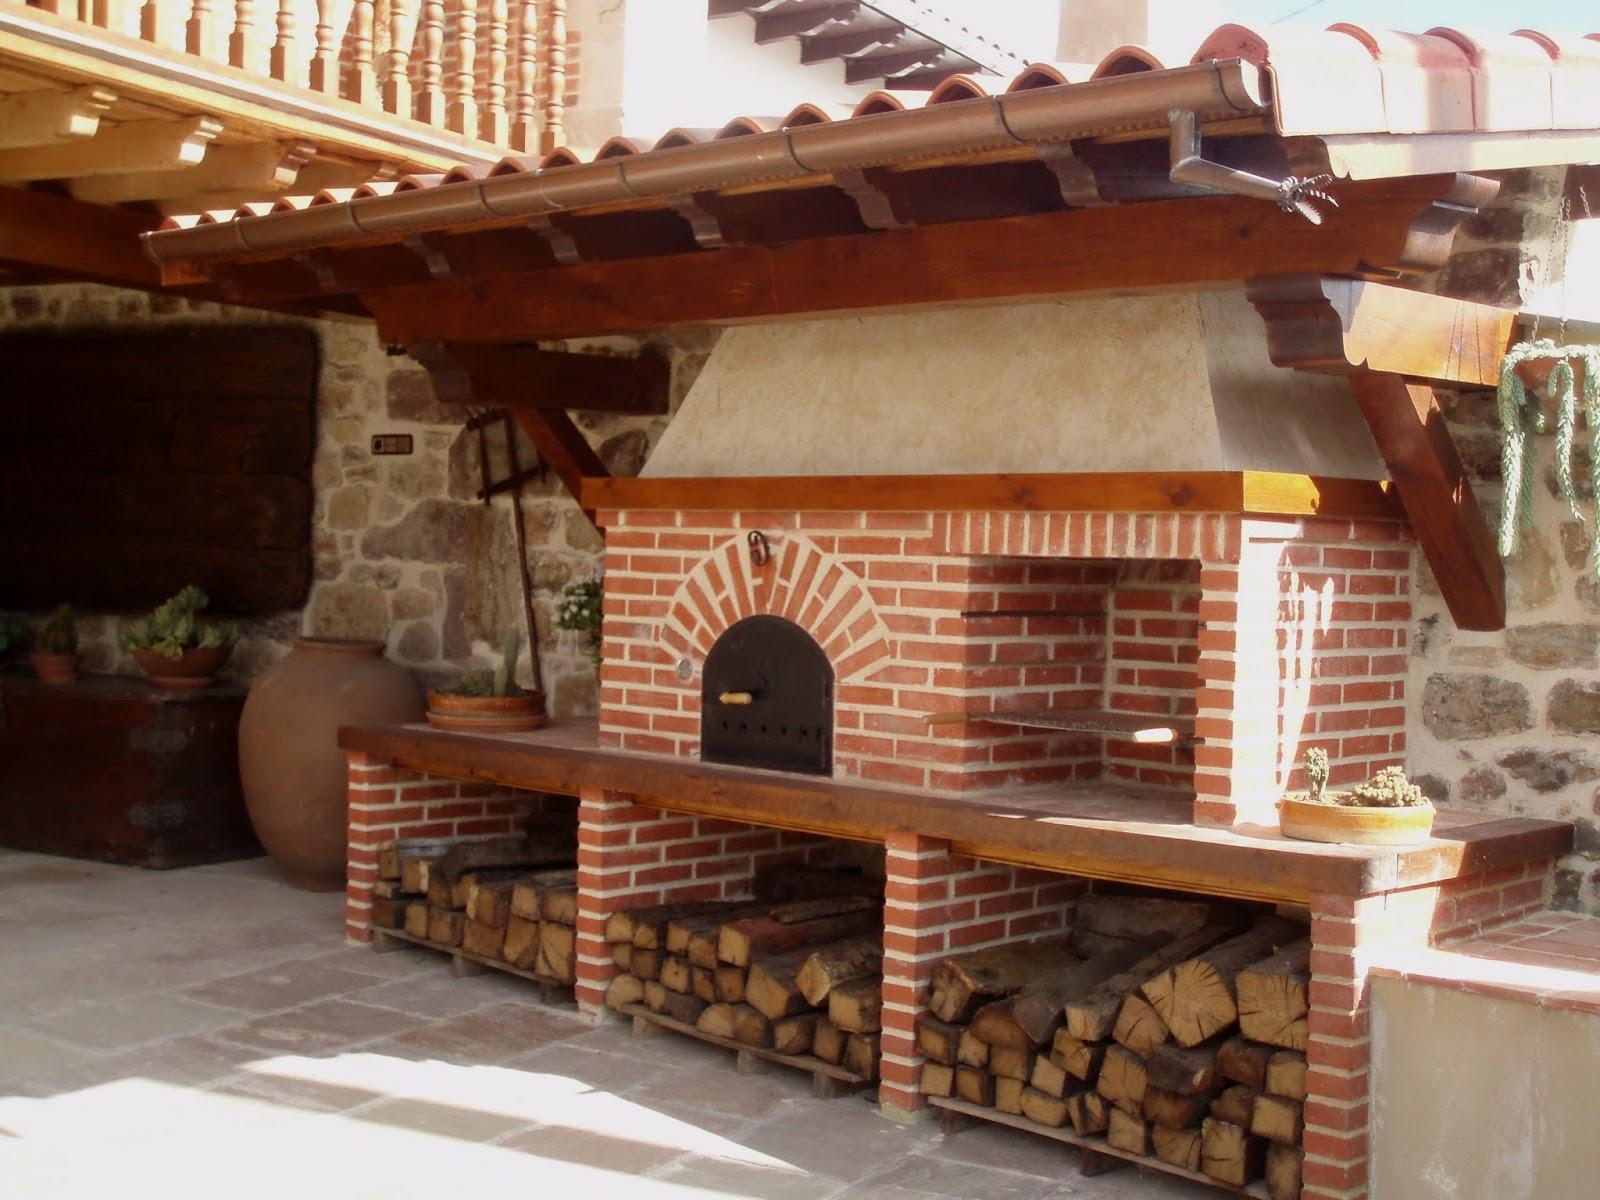 La fabrica de pereruela horno y barbacoa de jos antonio - Fotos de barbacoas rusticas ...